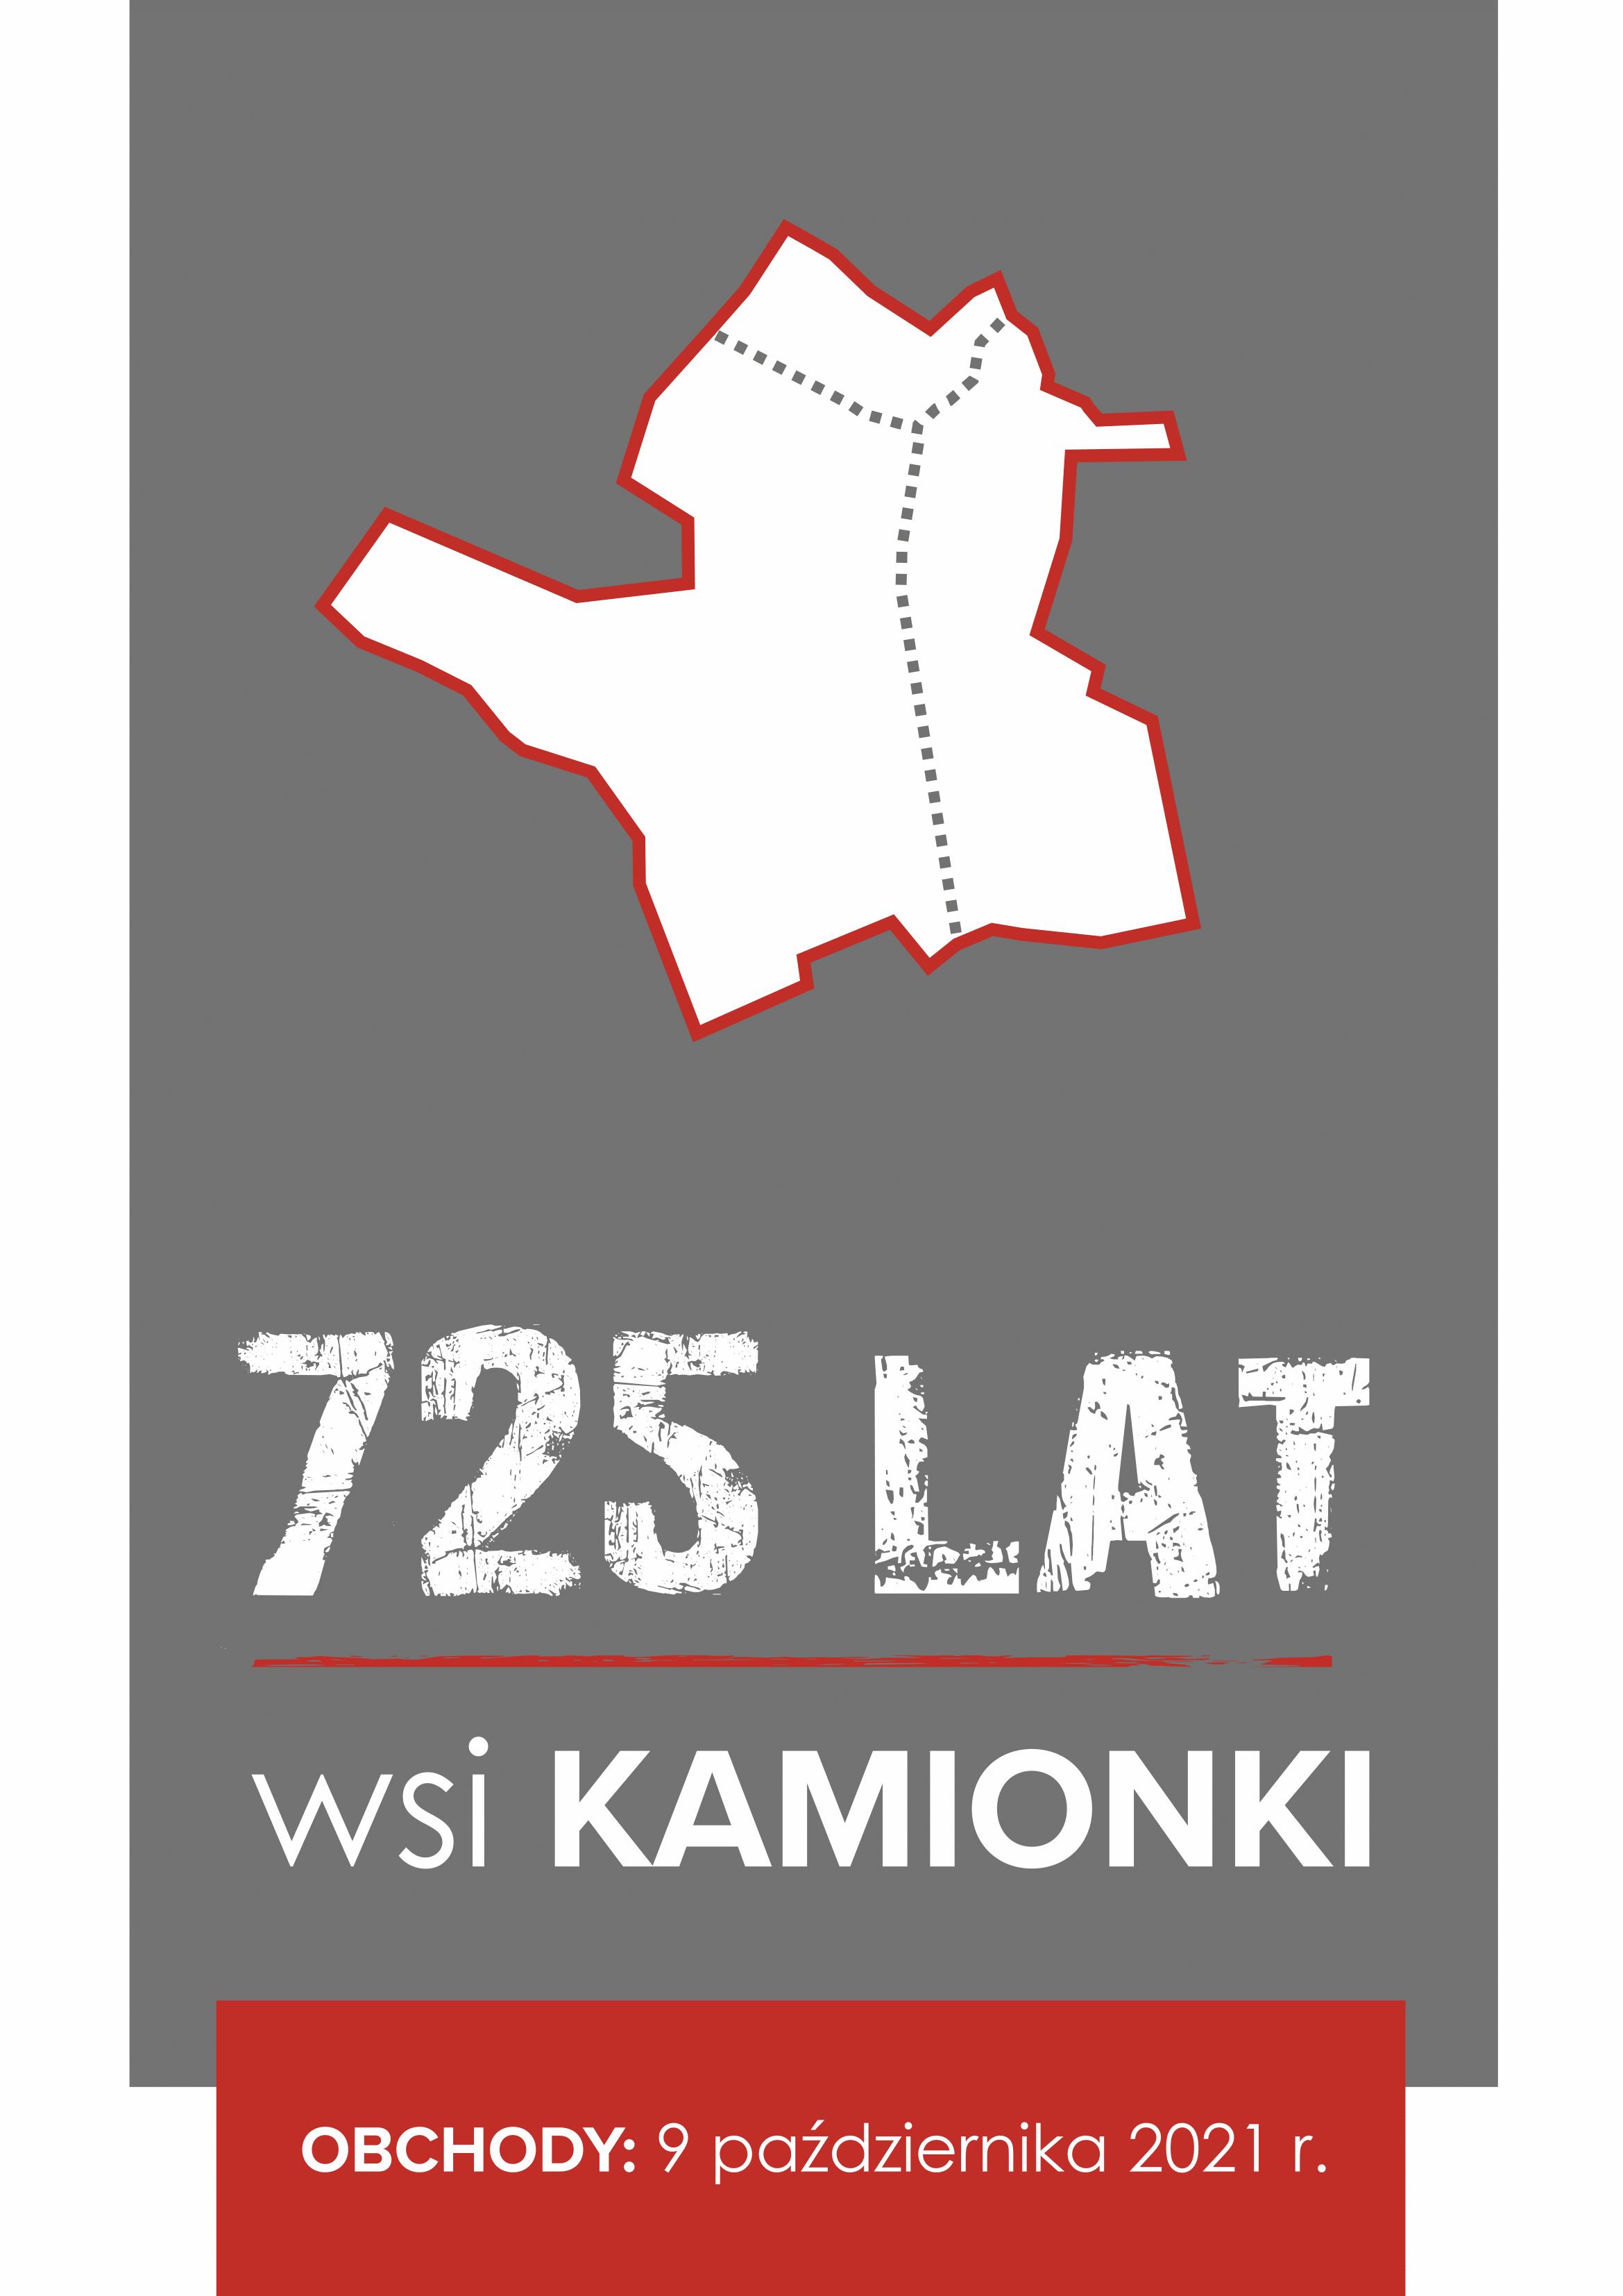 plakat_A3_KAMIONKI_3-1